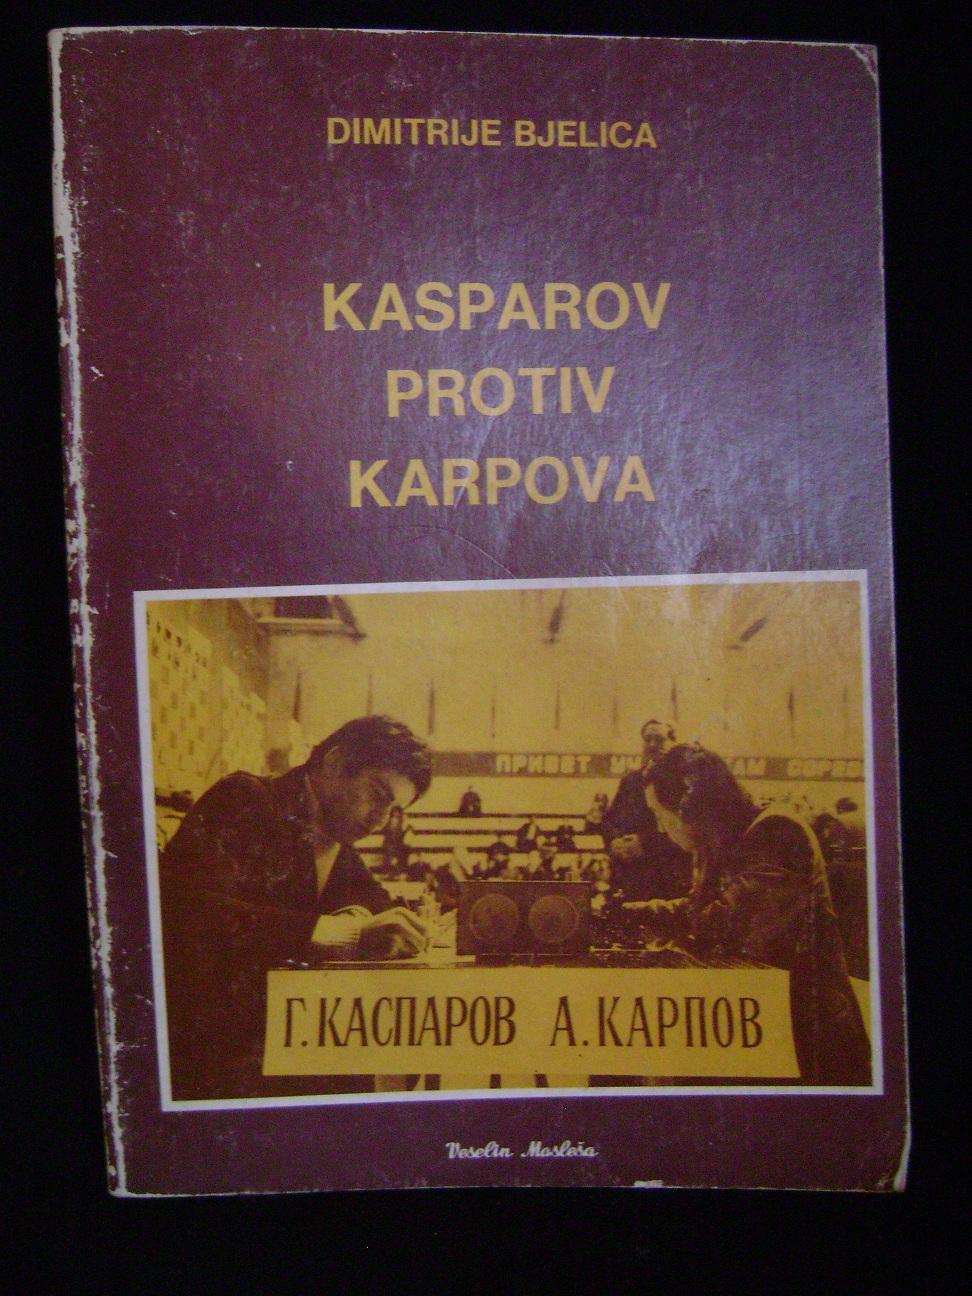 KARPOV_PROTIV_KASPAROVA_Dimitrije_Bjelica.JPG